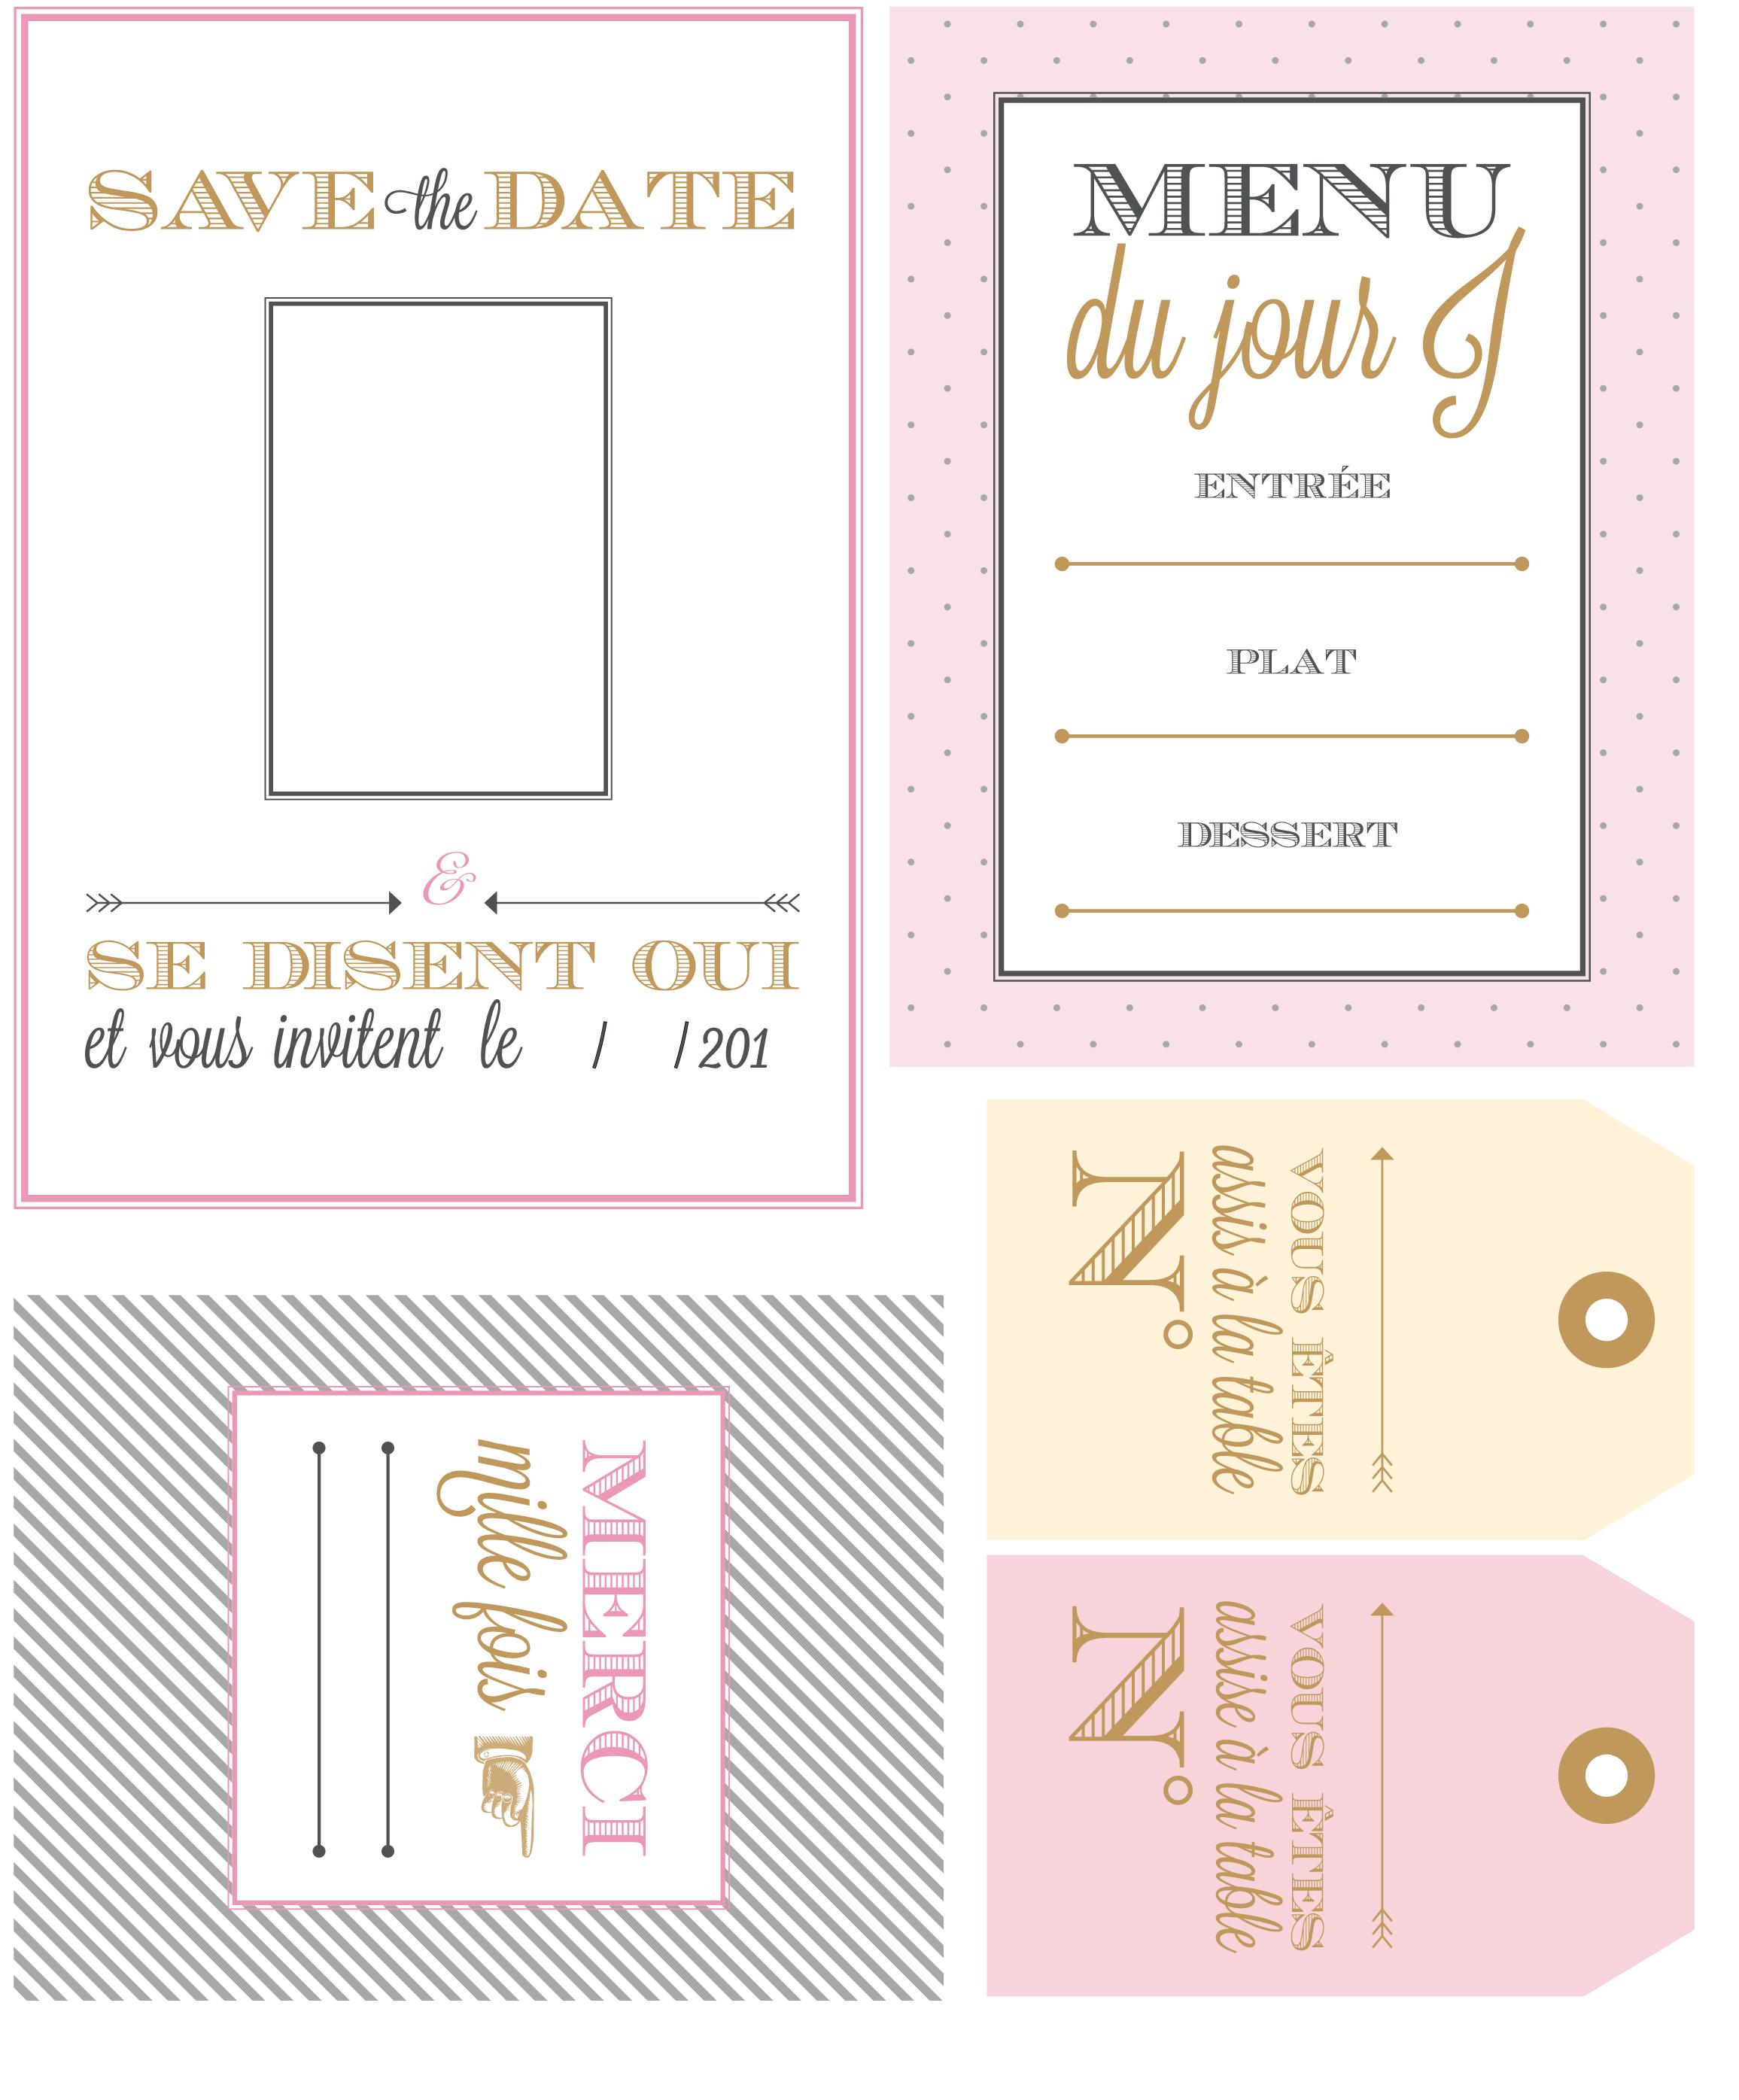 Etiquette Menu De Noel A Imprimer.Mariage Invitations Menus Et Marque Places Gratuits